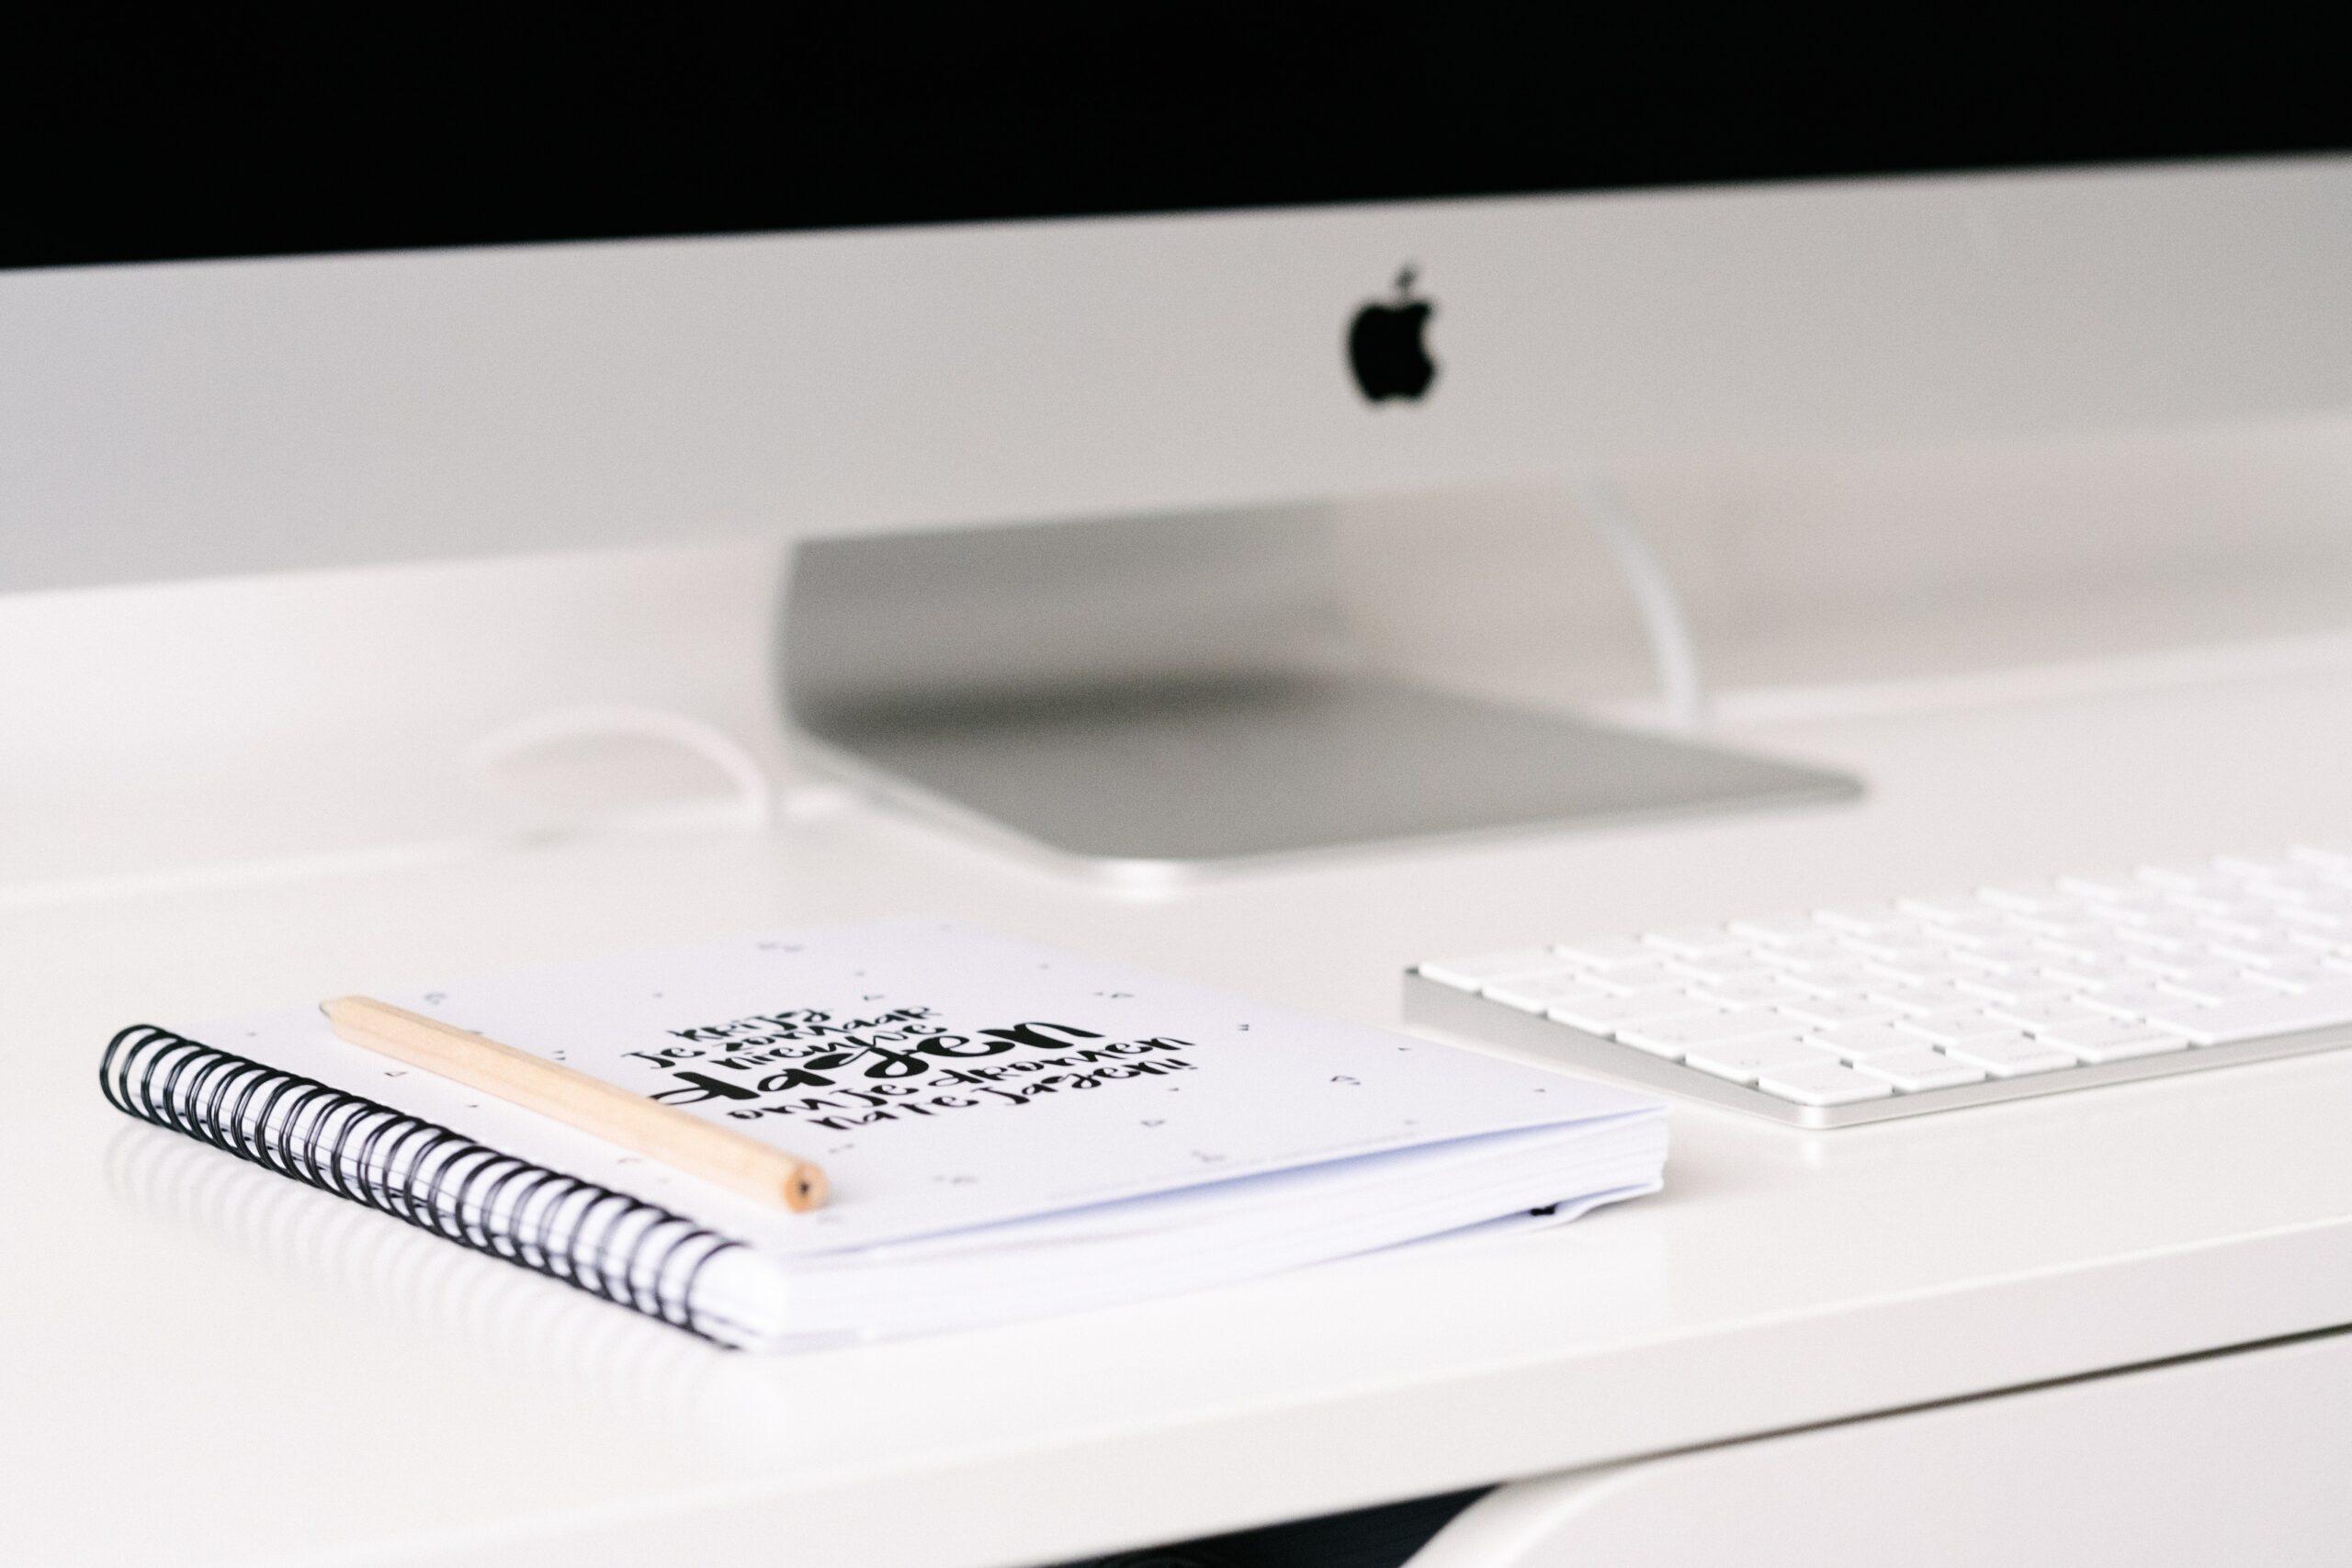 Fifamé's Virtual Desk